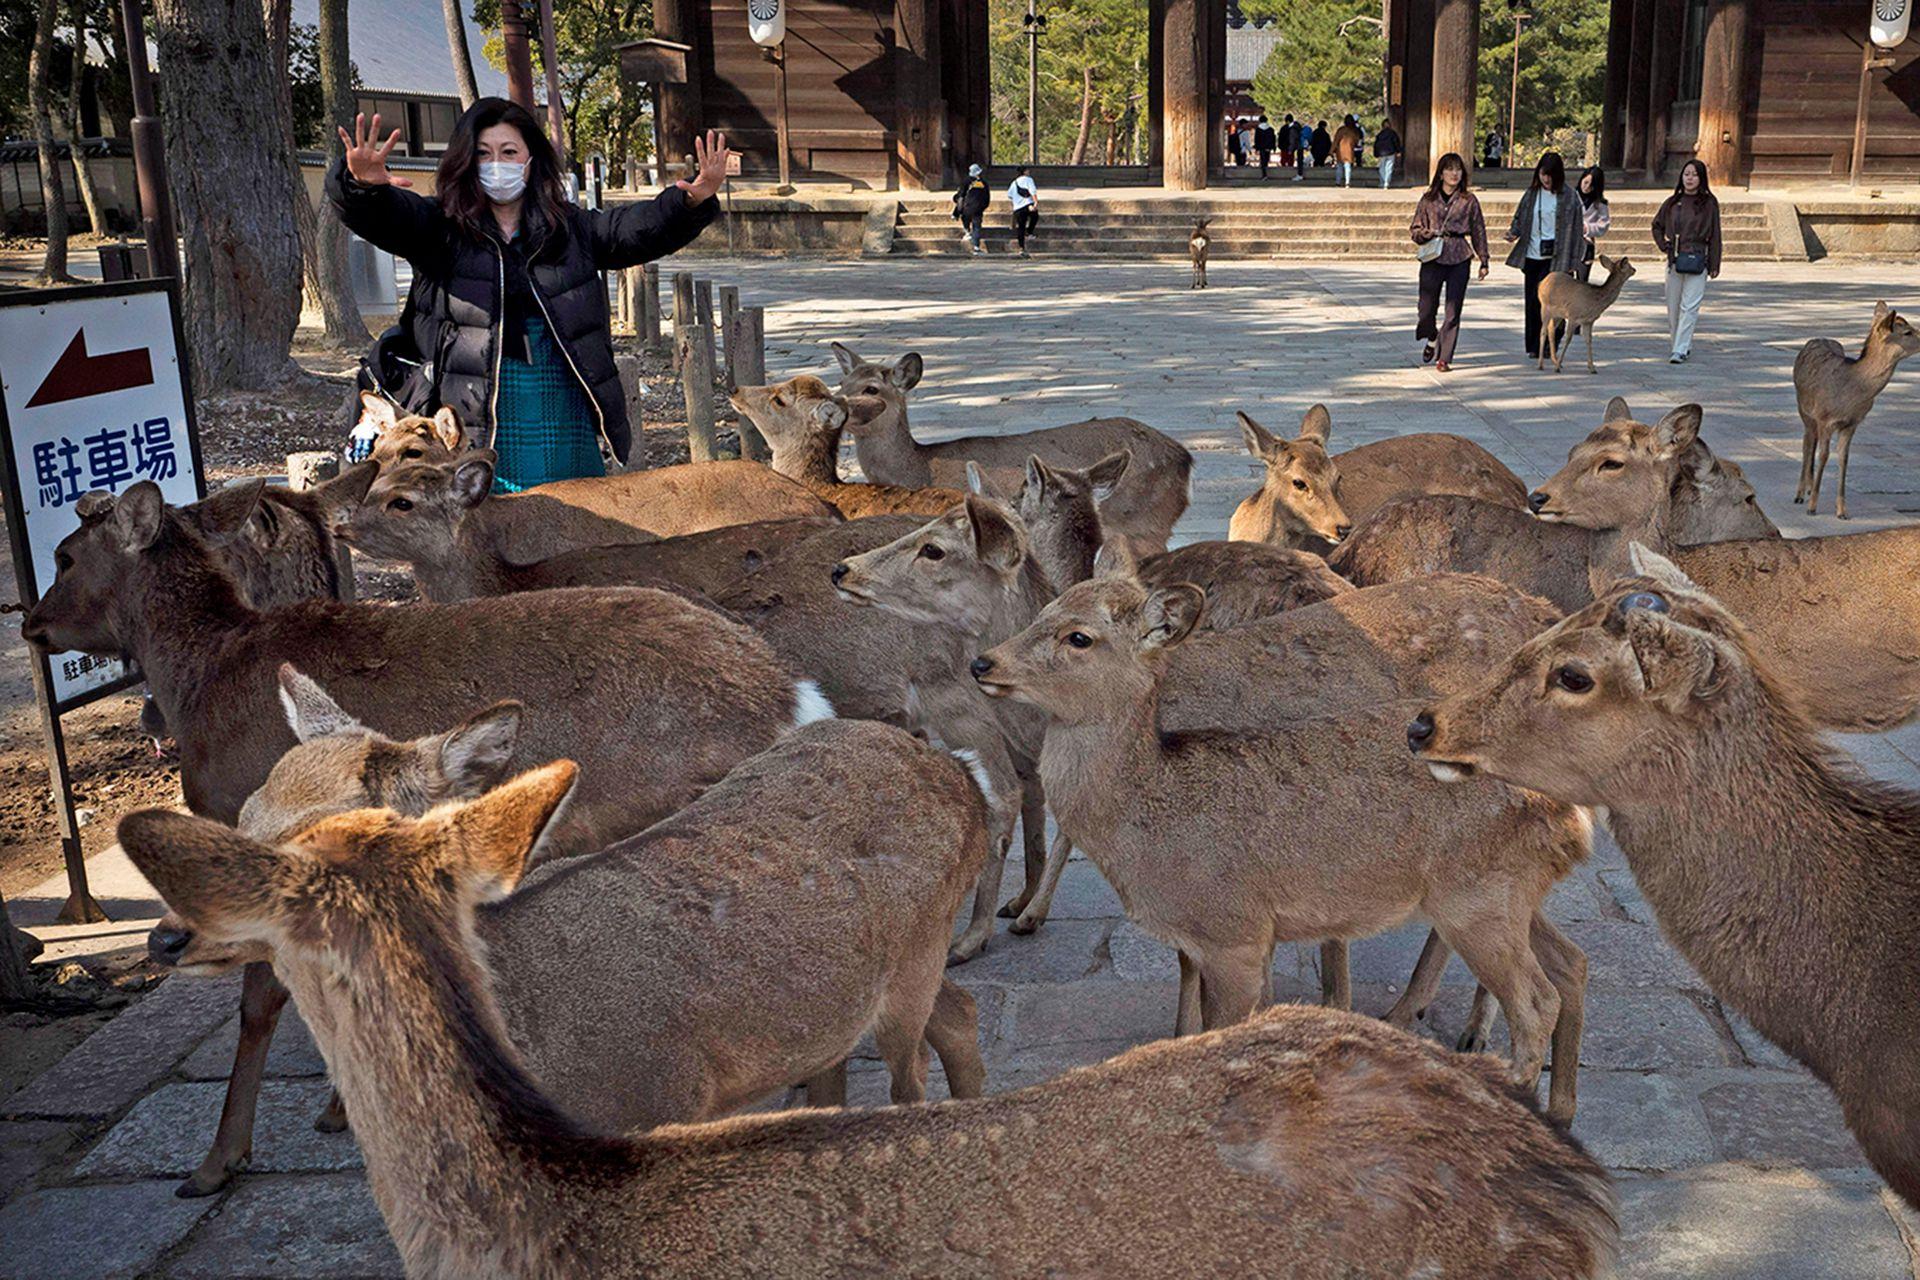 Por la falta de turismo y las calles vacías los ciervos se lanzaron a caminar por la ciudad